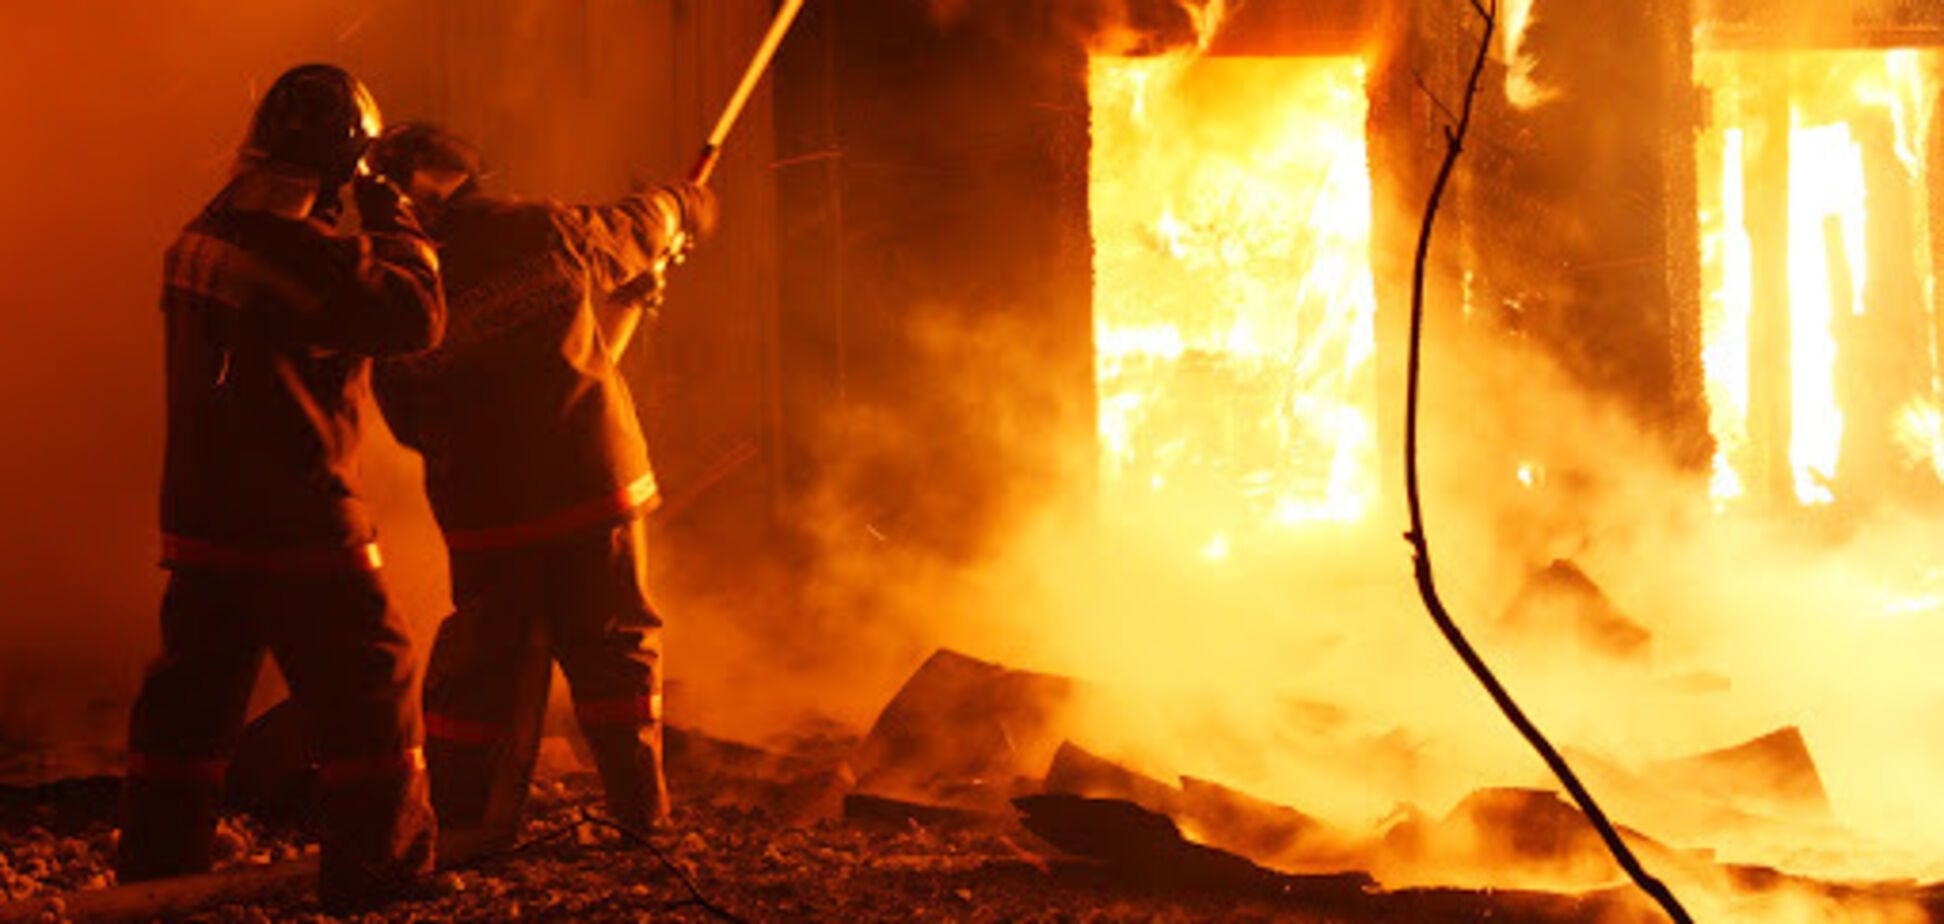 Под Днепром мужчина погиб при пожаре в собственном доме. Видео с места ЧП